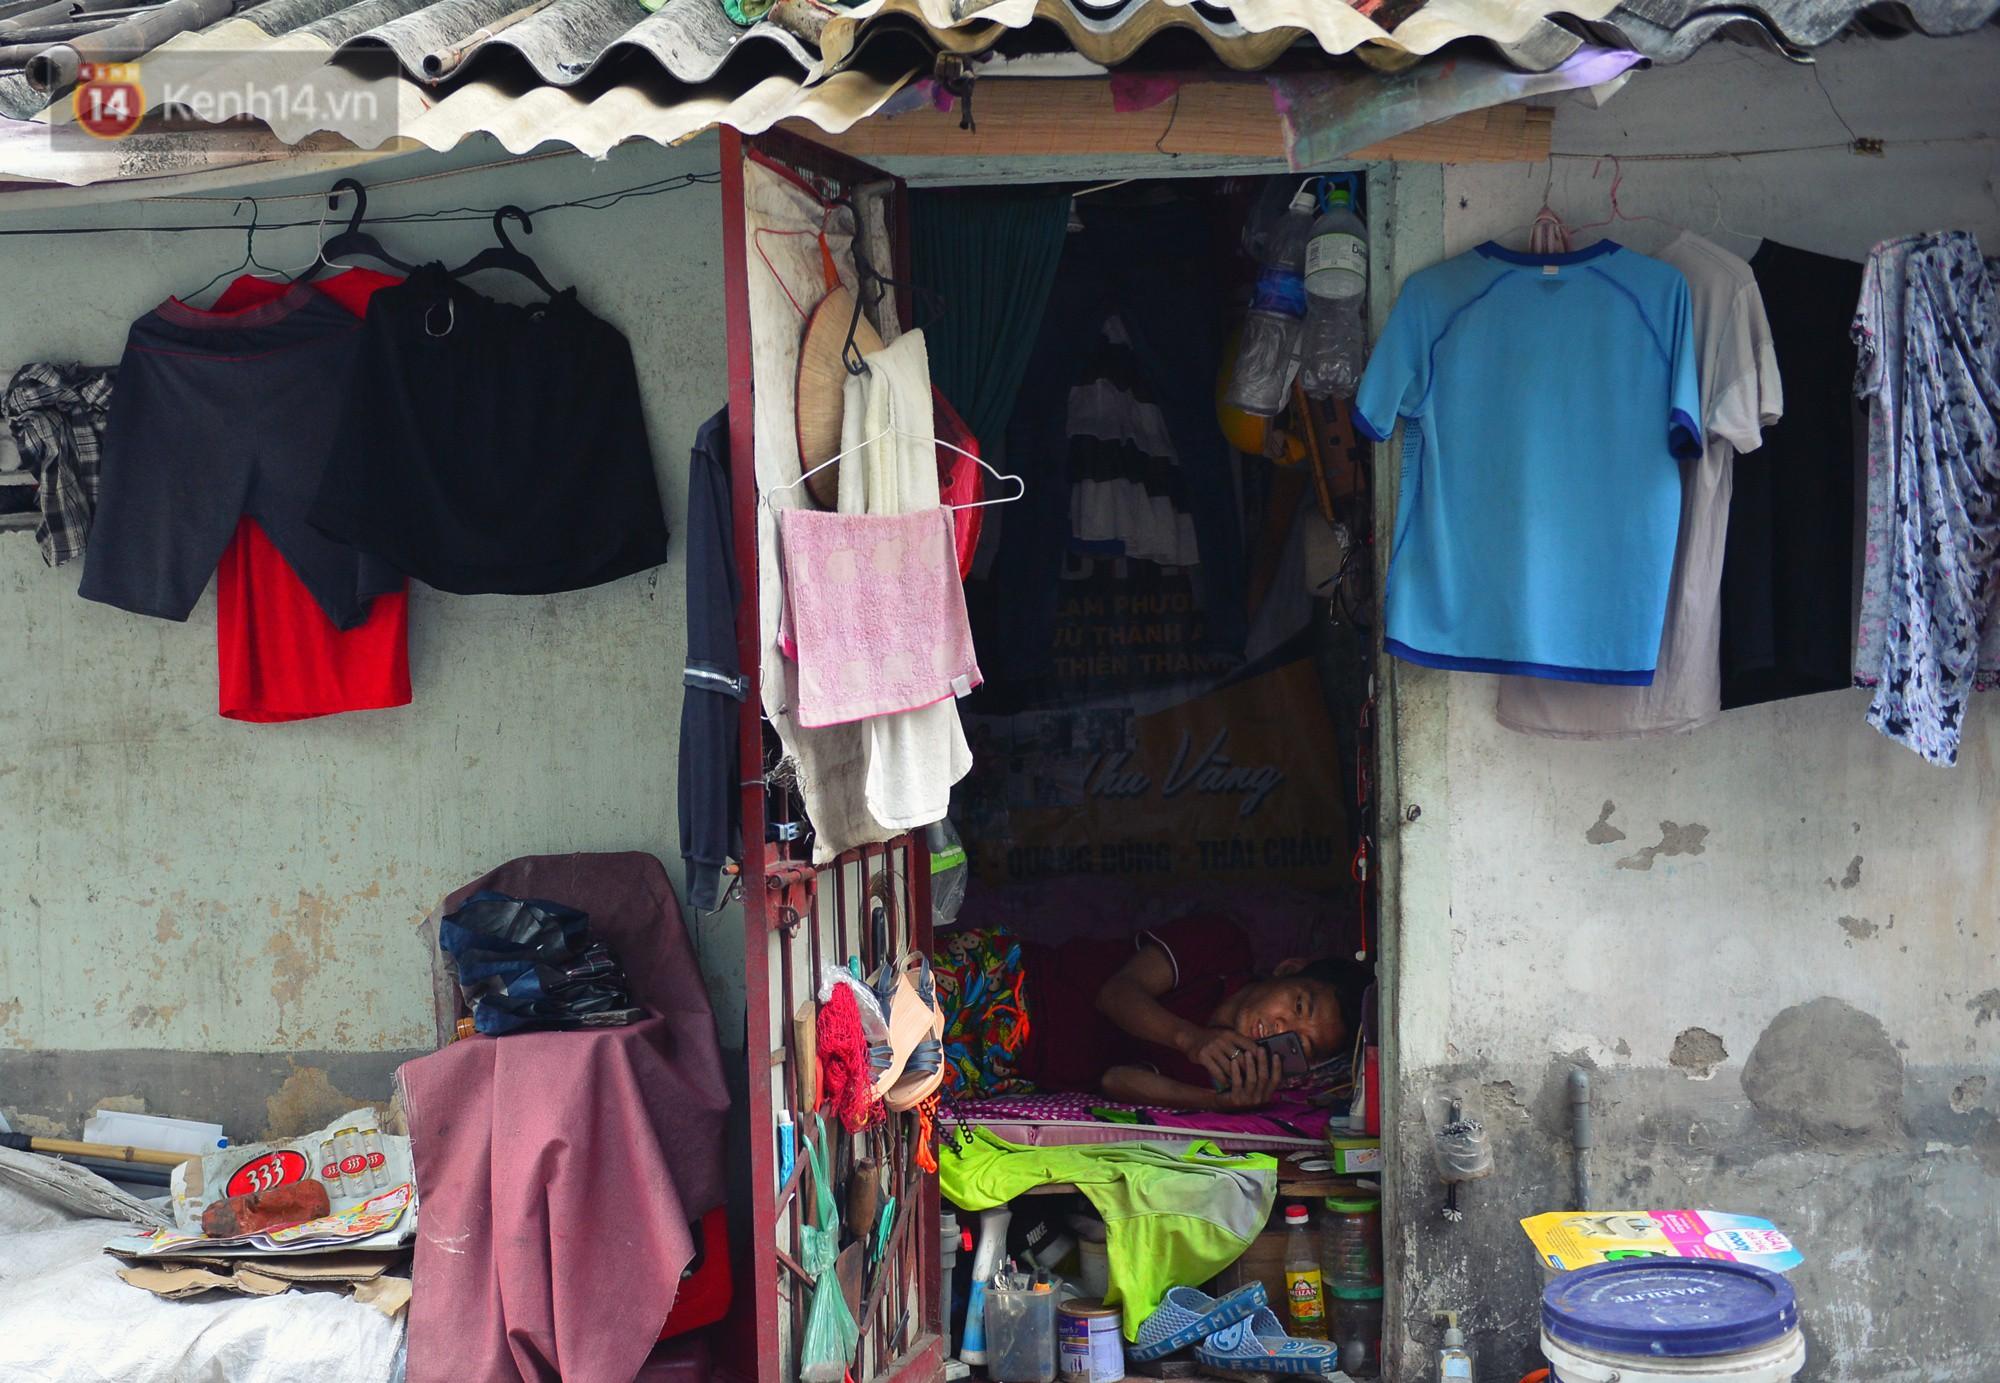 Hà Nội: Xóm đường tàu đẹp không kém làng cổ Thập Phần, Đài Loan - Ảnh 14.